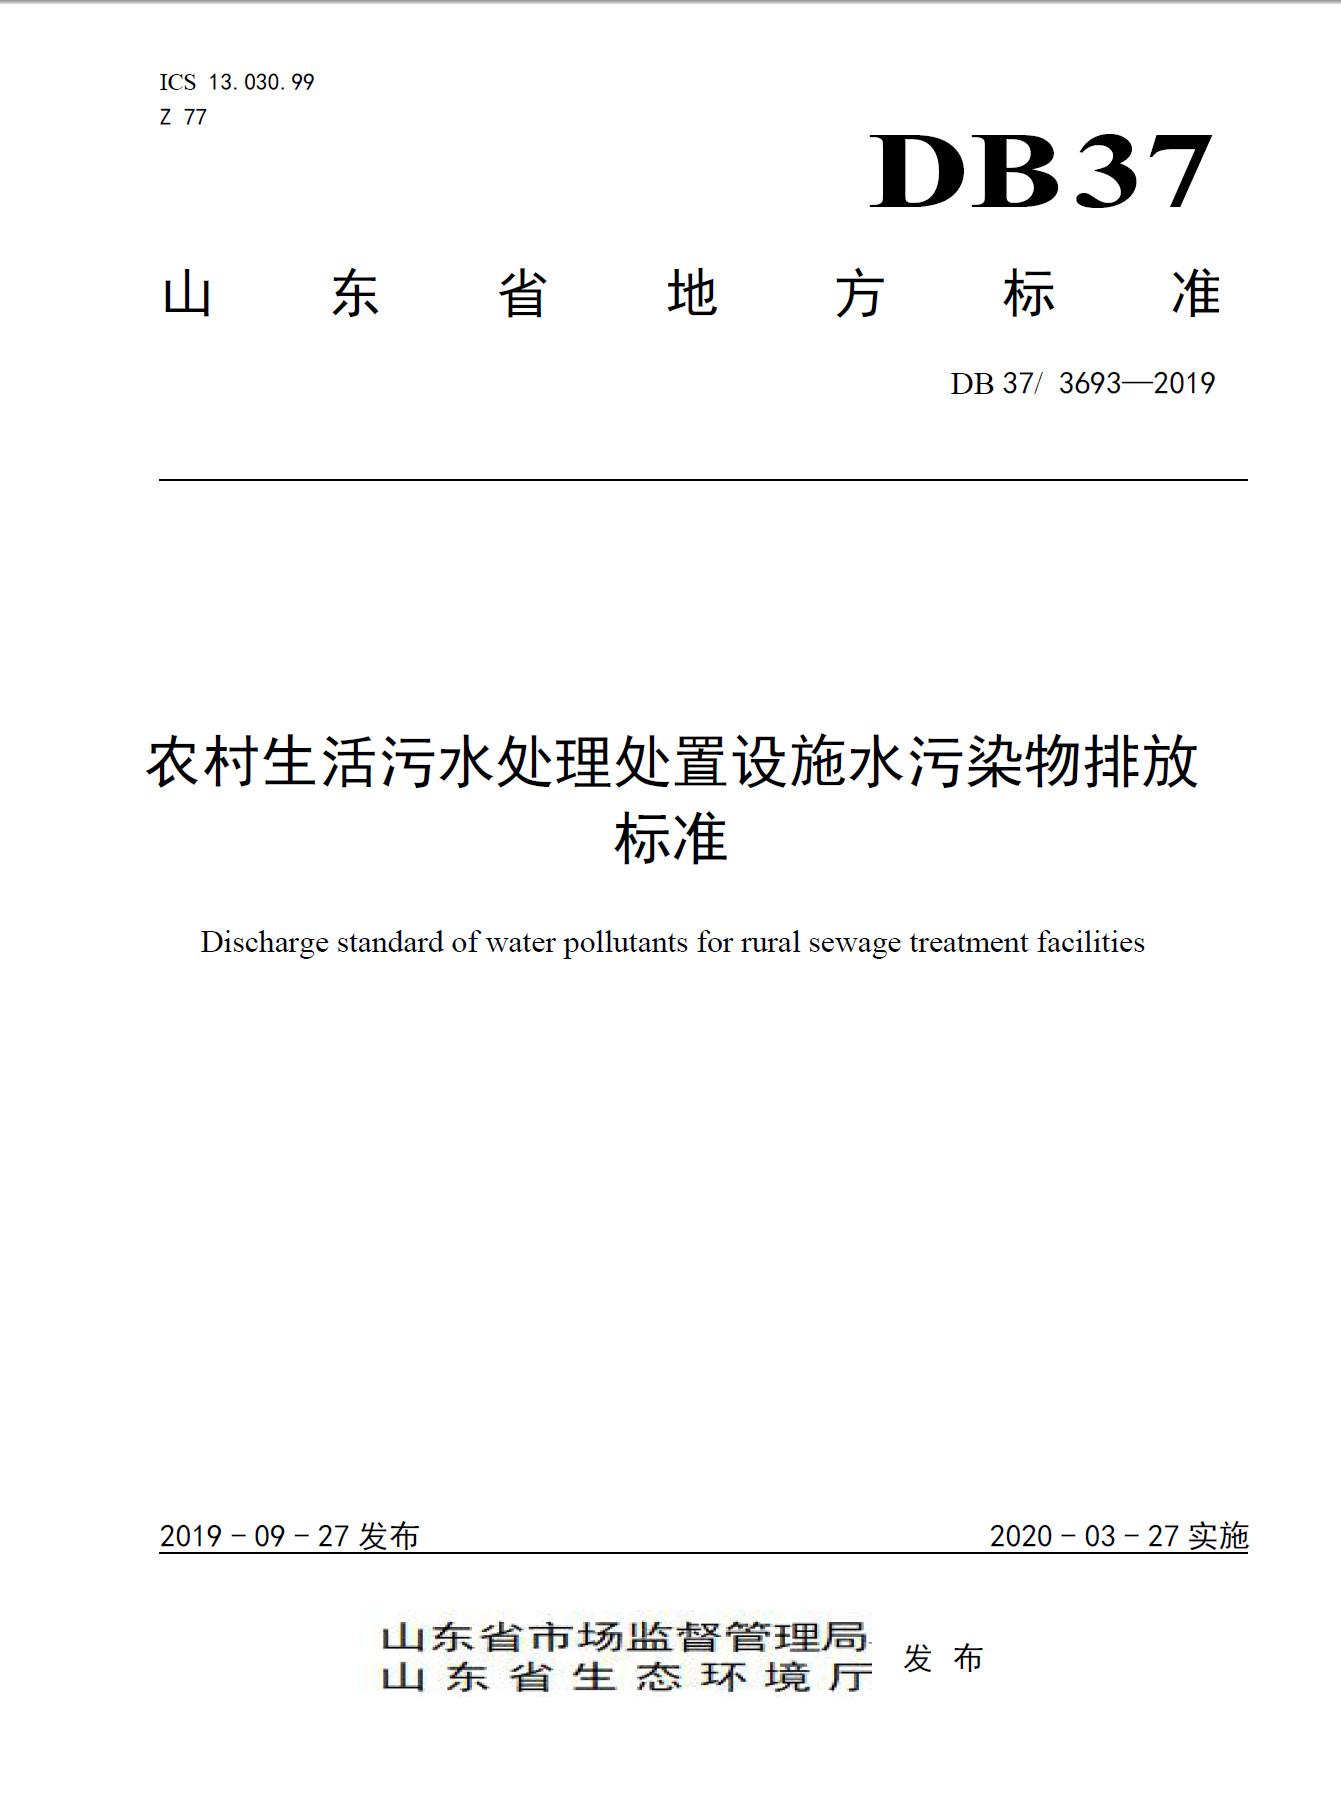 山东《农村生活污水处理处置设施水污染物排放标准》发布